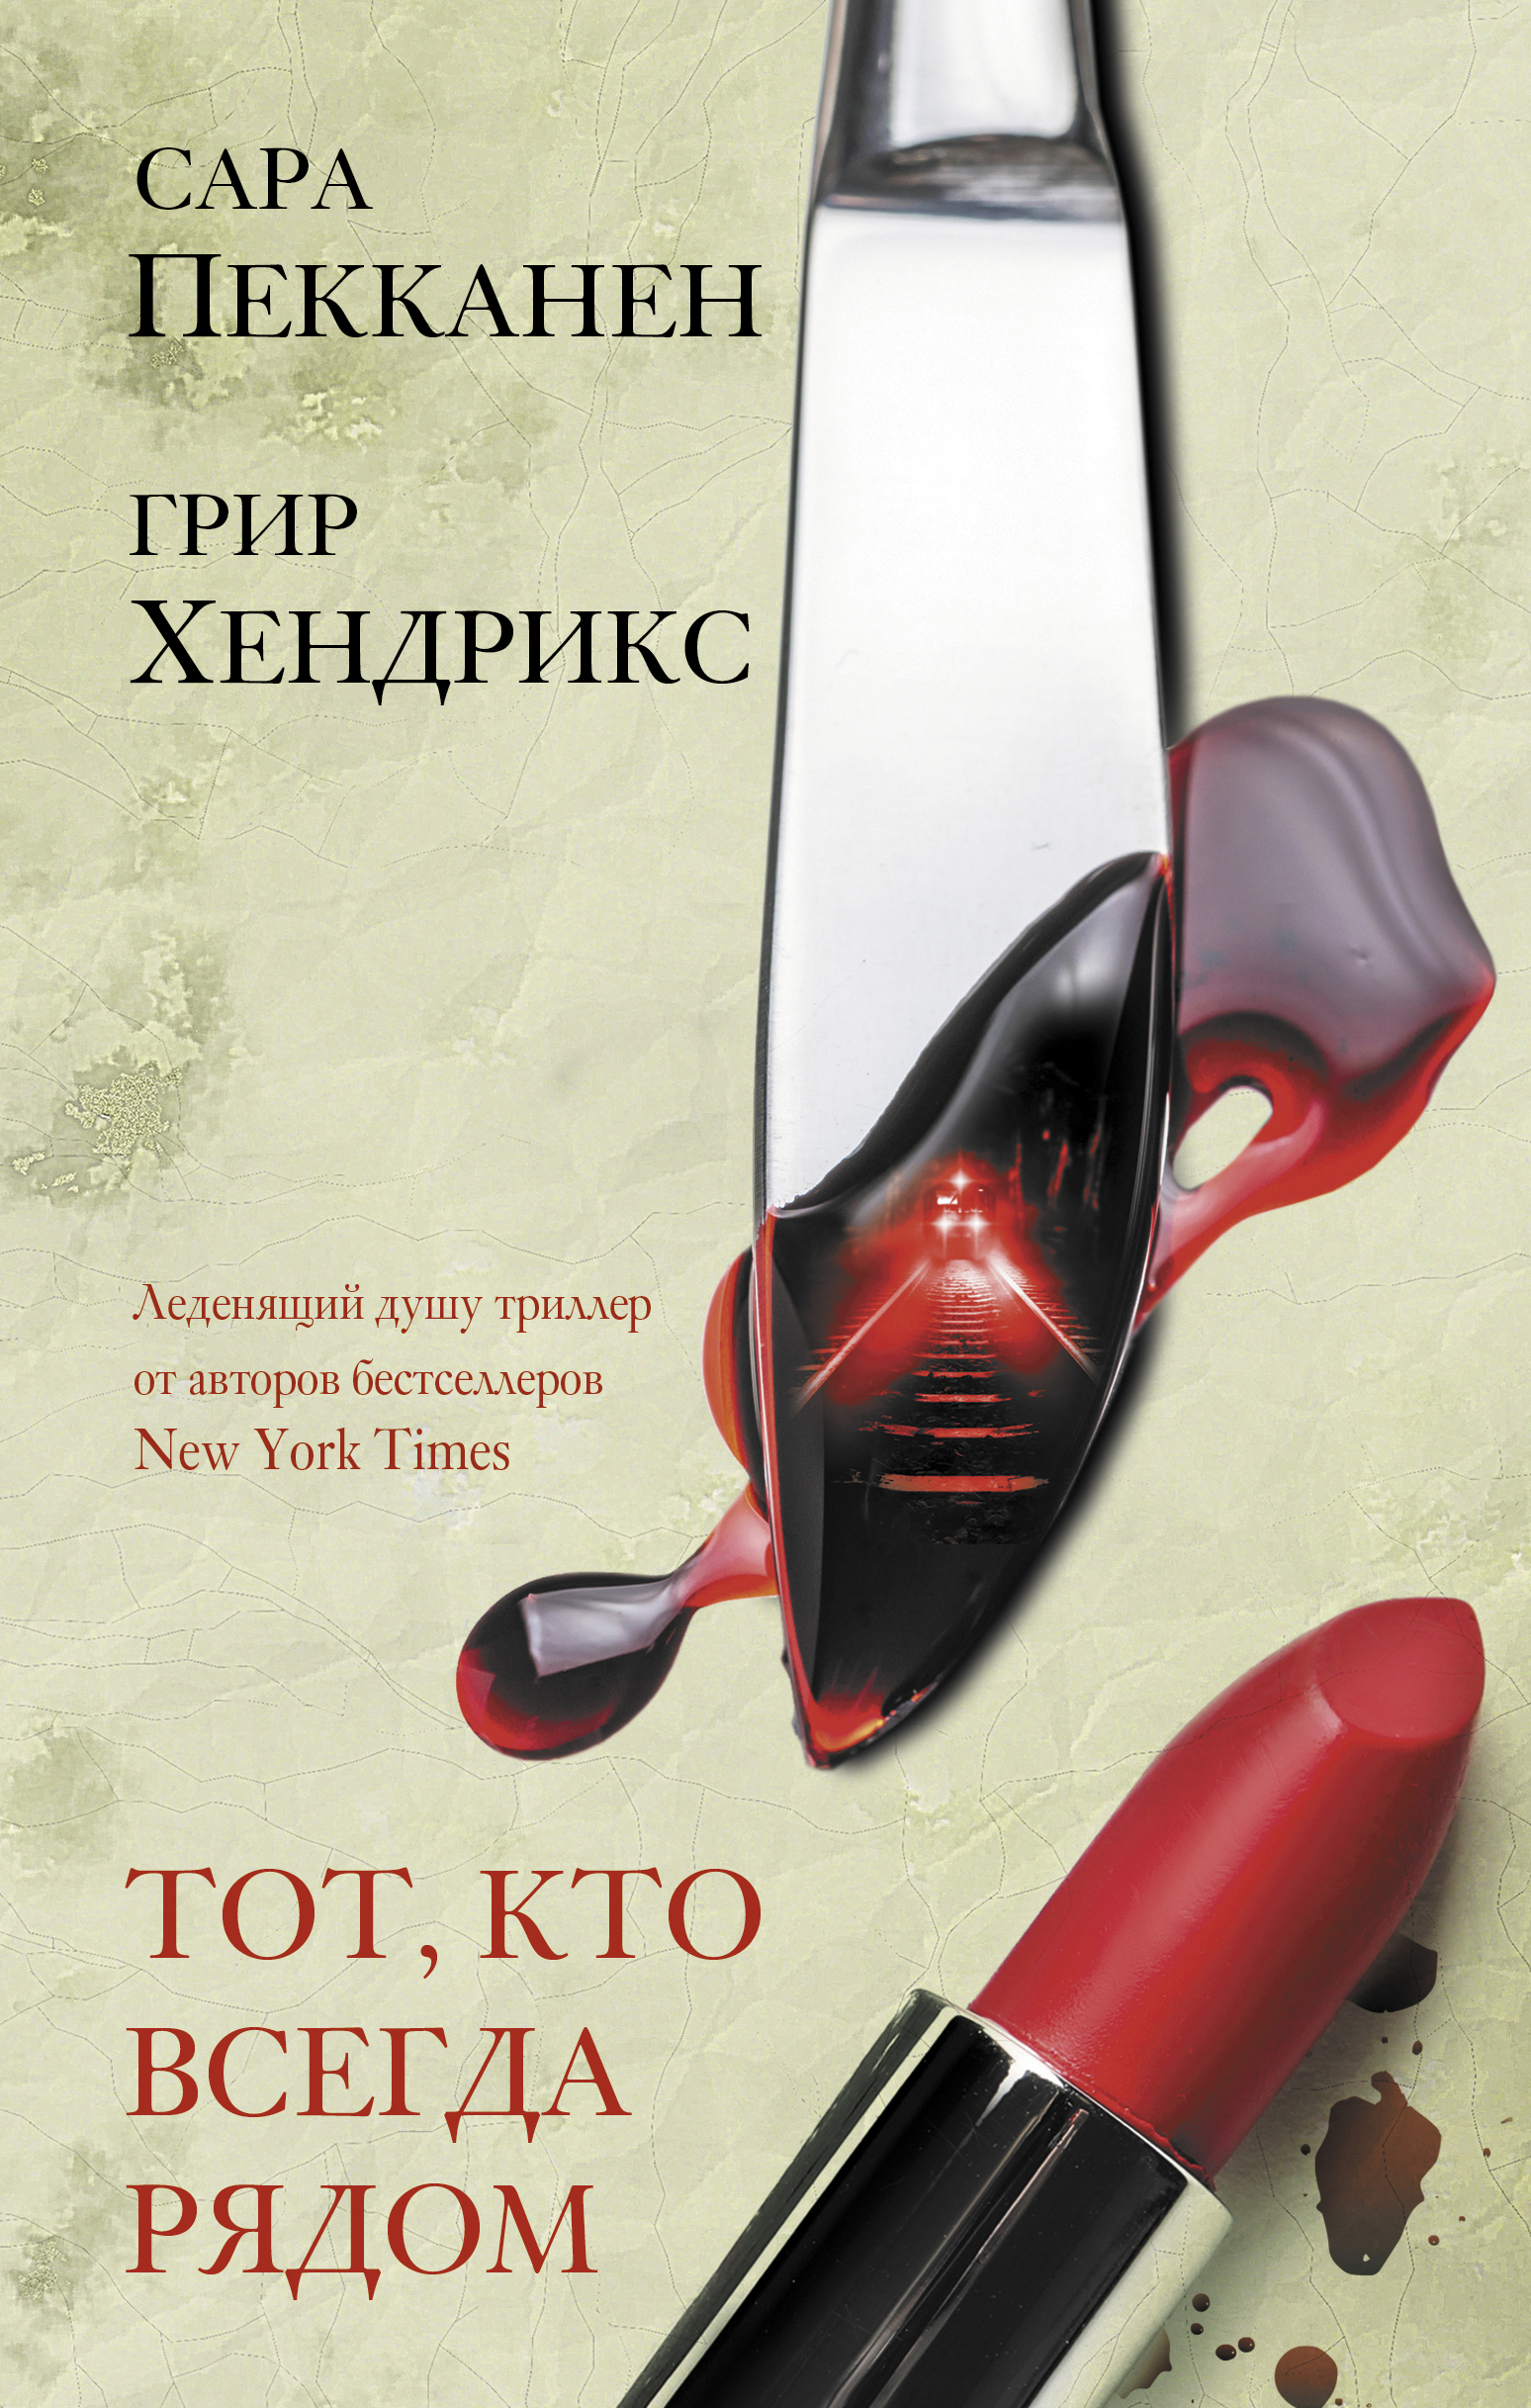 Купить книгу Тот, кто всегда рядом, автора Сары Пекканен